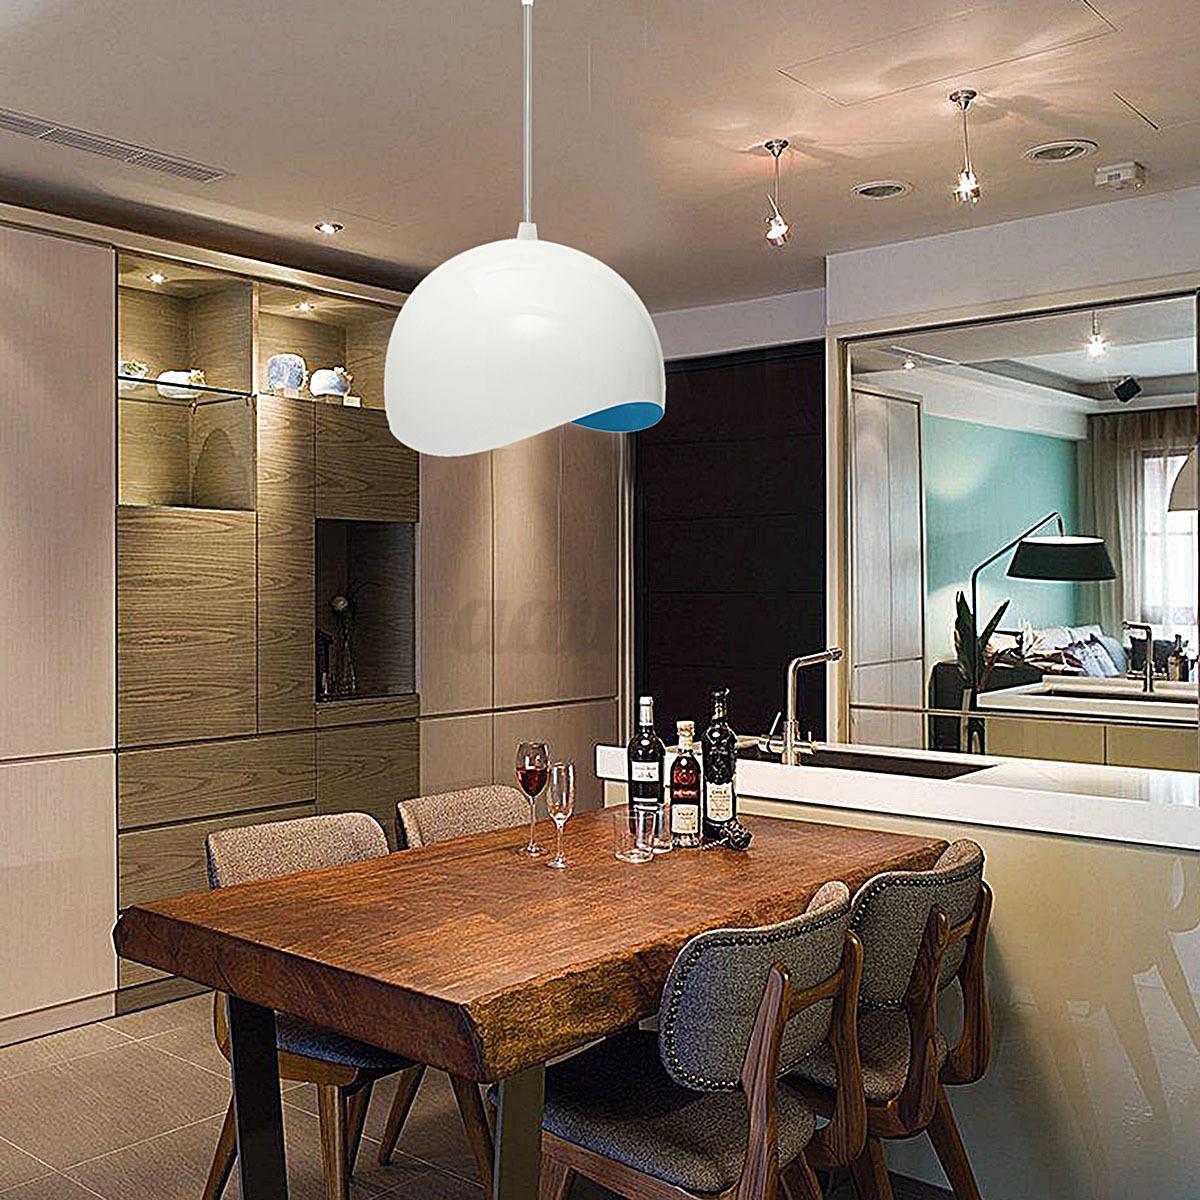 Kitchen Lighting Ebay: Modern Country Style Retro Eggshell Pendant Ceiling Light